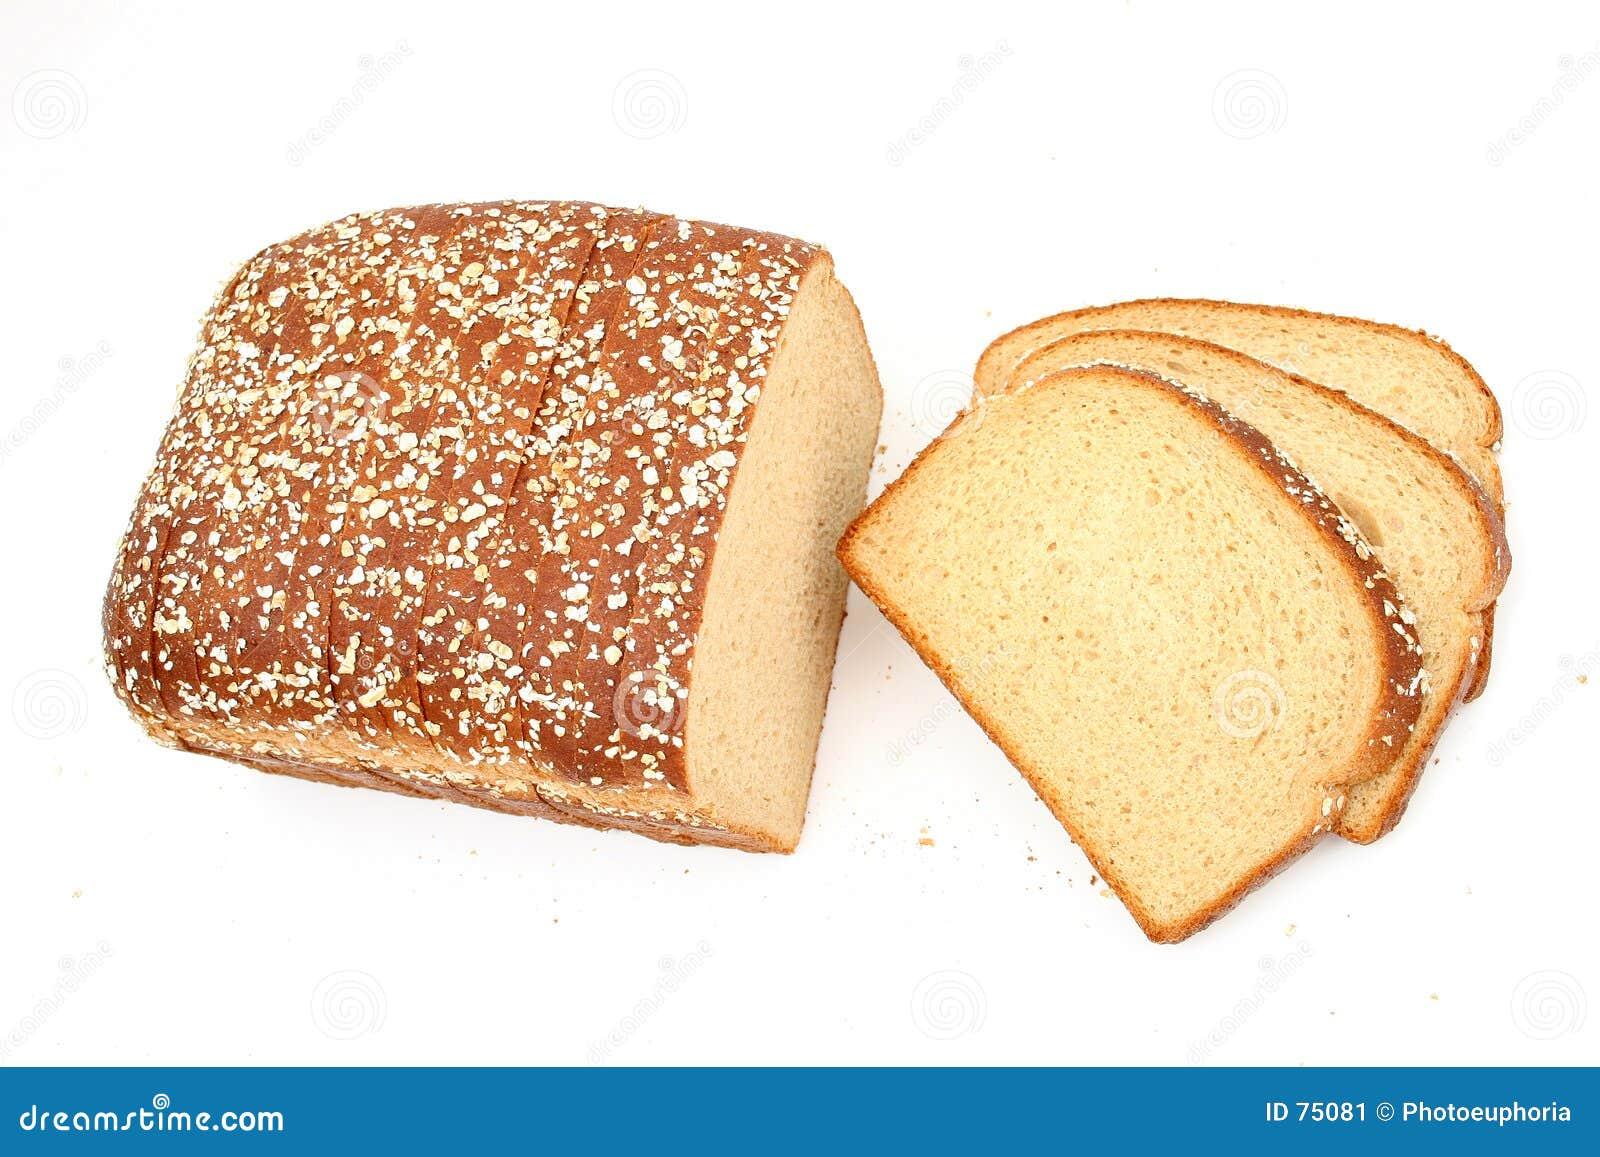 在可口蜂蜜麦子上添面包